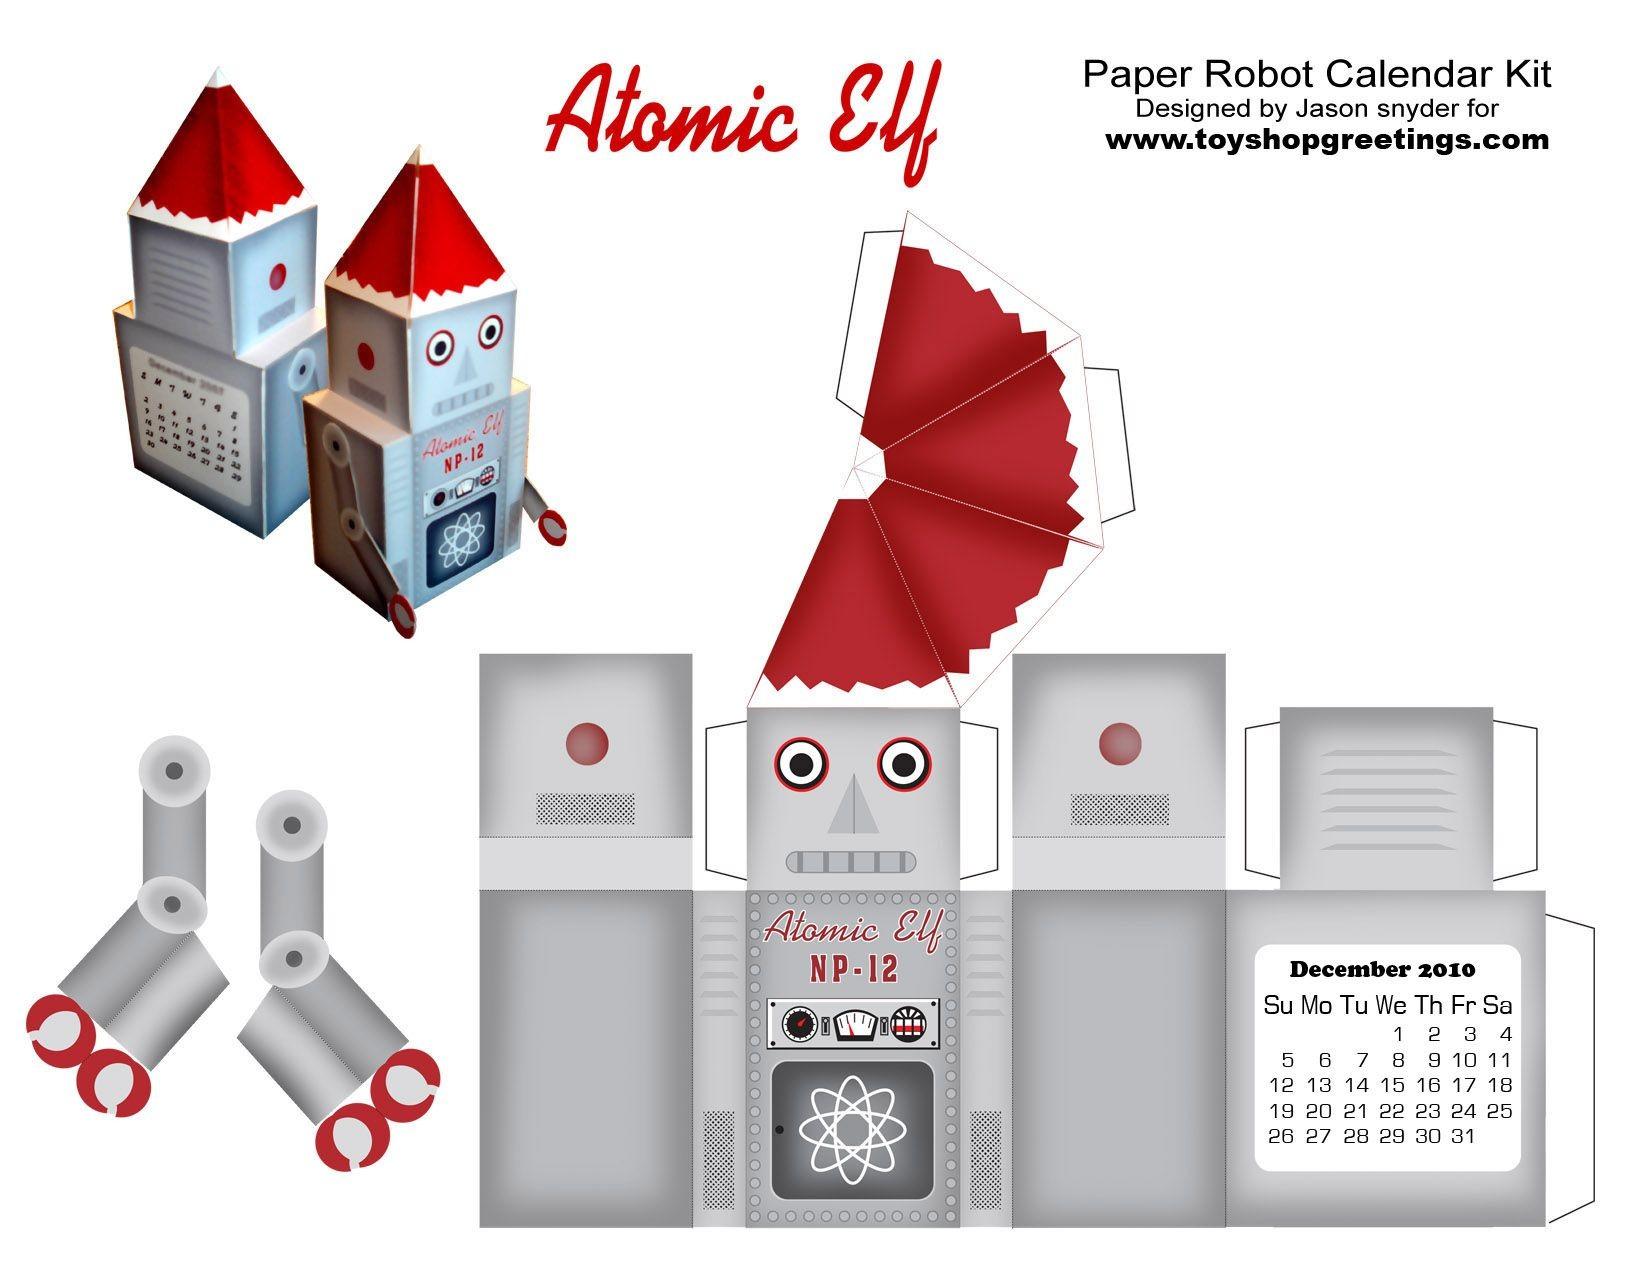 Computer Papercraft Santa toy Robot Christmas atomic Elf Paper Cutout Papercraft